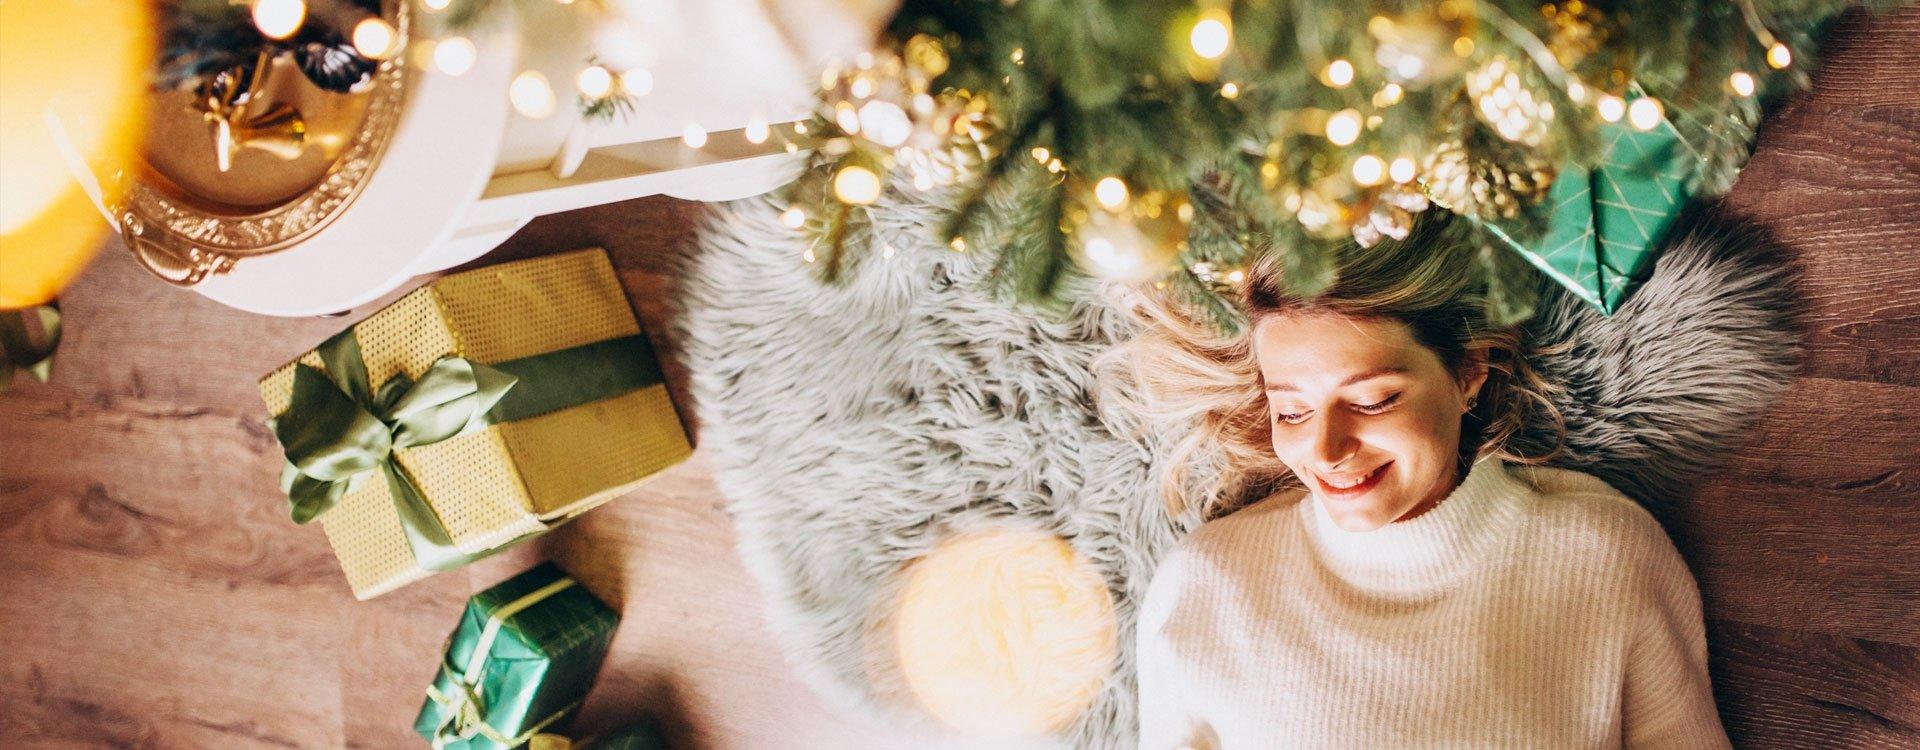 Poznaj najpiękniejsze zwyczaje świąteczne z całego świata!